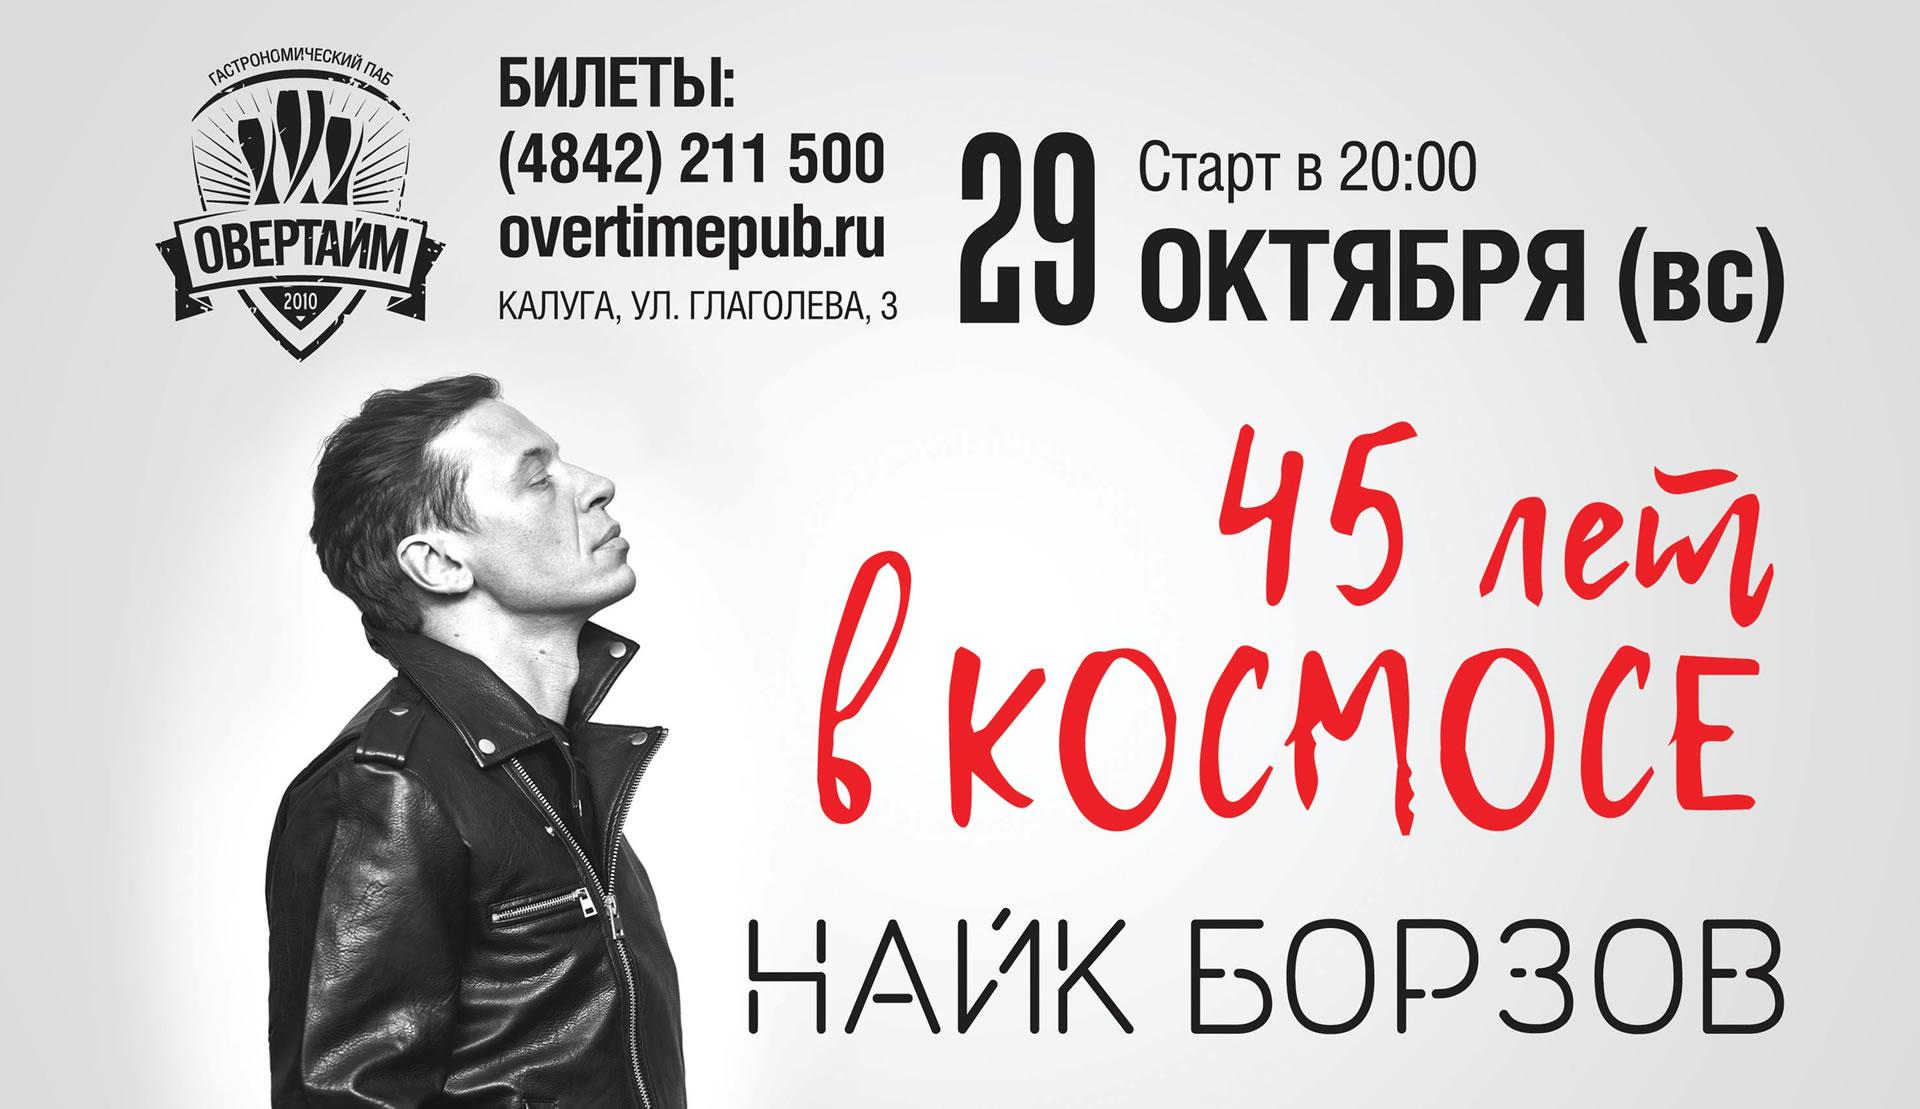 """Найк Борзов """"45 лет в космосе"""""""